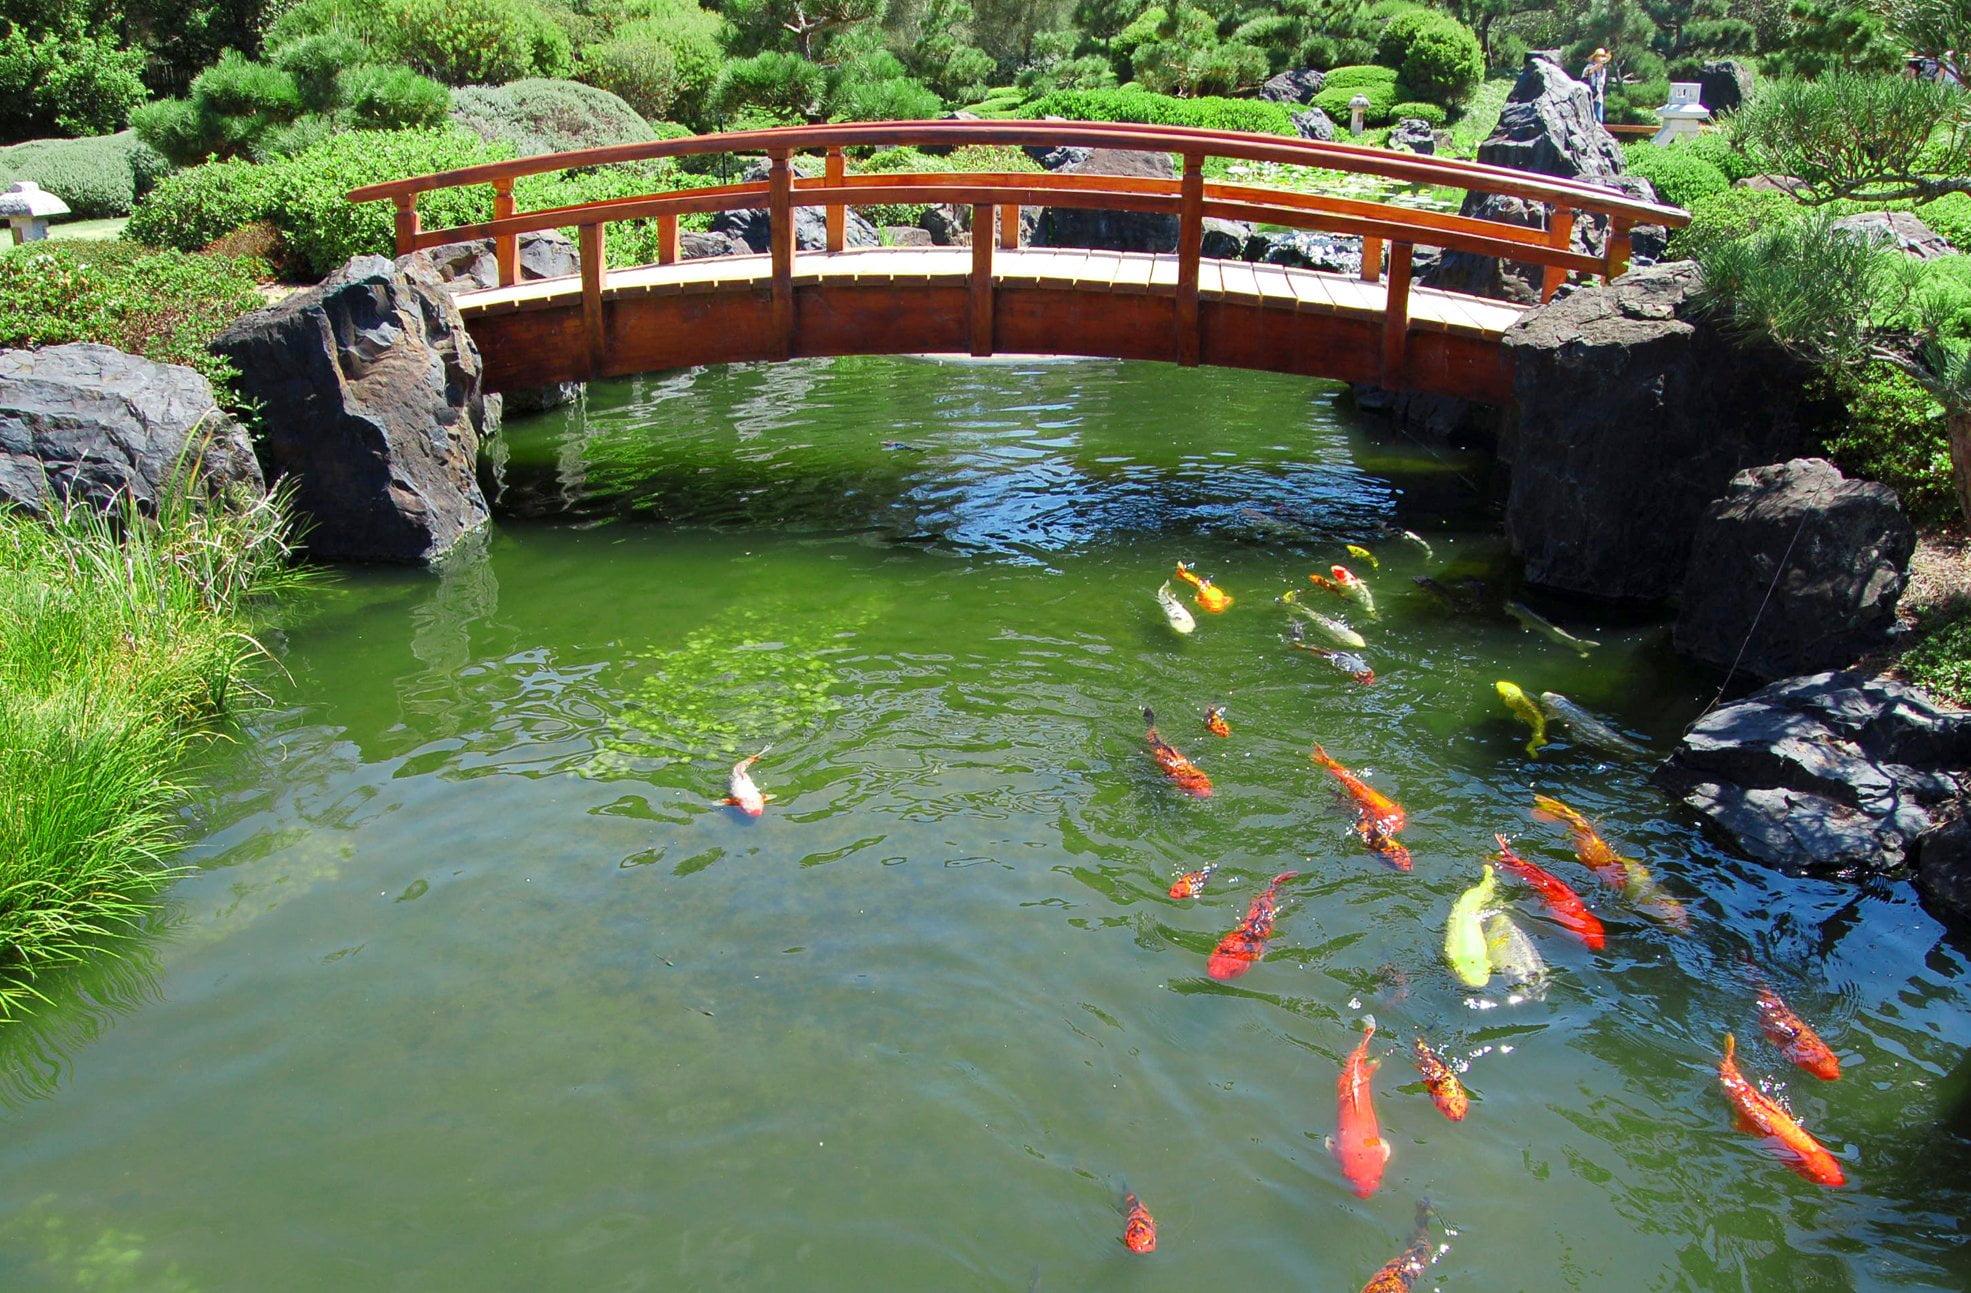 656387 357508381645323084383584748 - Как создать пруд с рыбами на даче